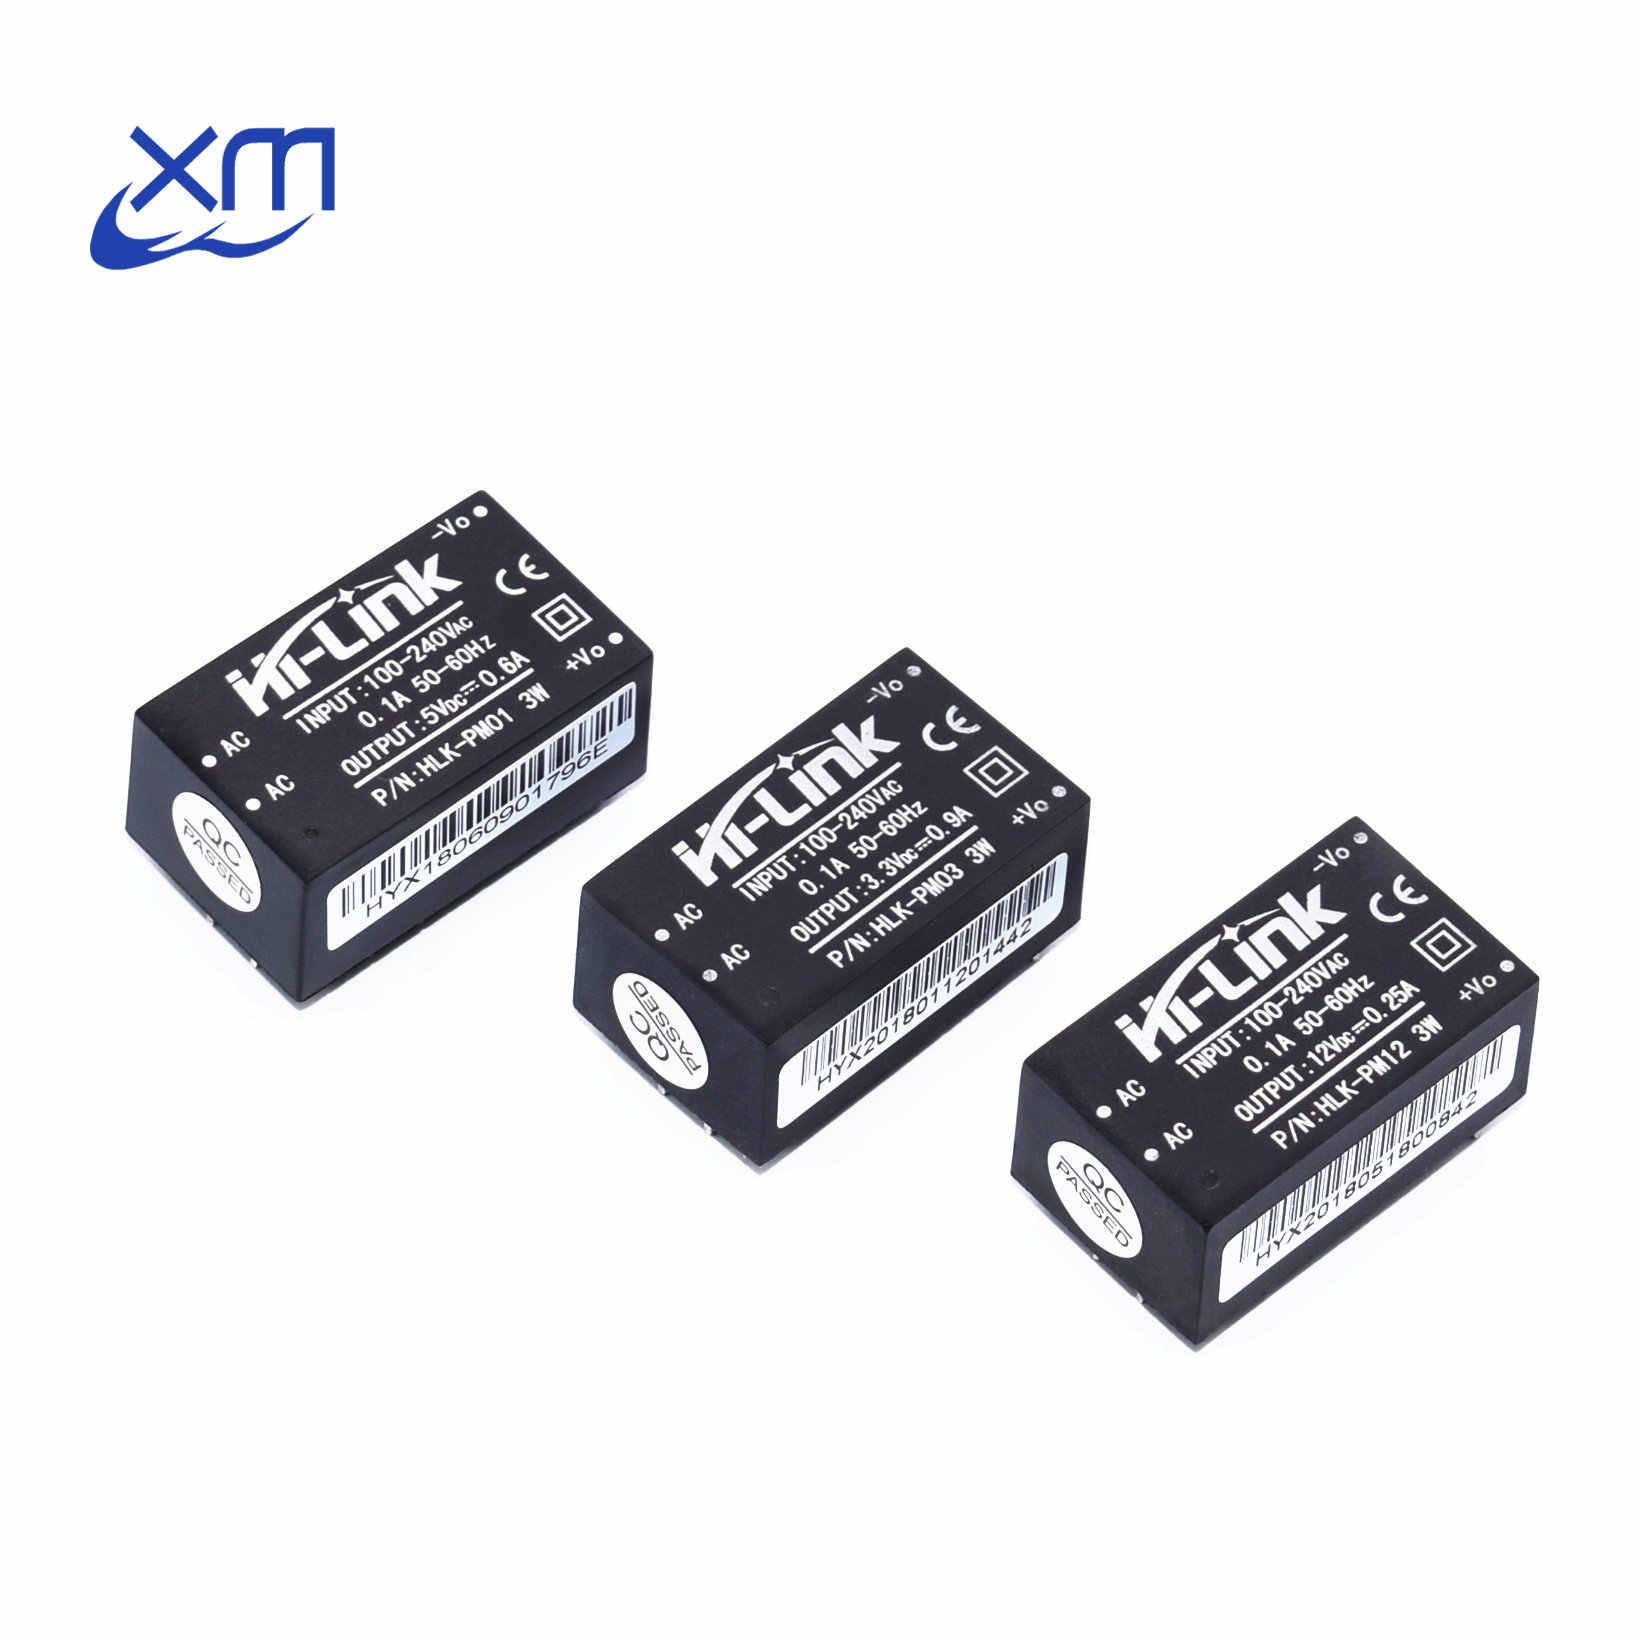 HLK-PM01 HLK-PM03 HLK-PM12 AC-DC 220V إلى 5 V/3.3 V/12 V مصغرة امدادات الطاقة وحدة ، ذكي المنزلية التبديل الطاقة وحدة UL/CE